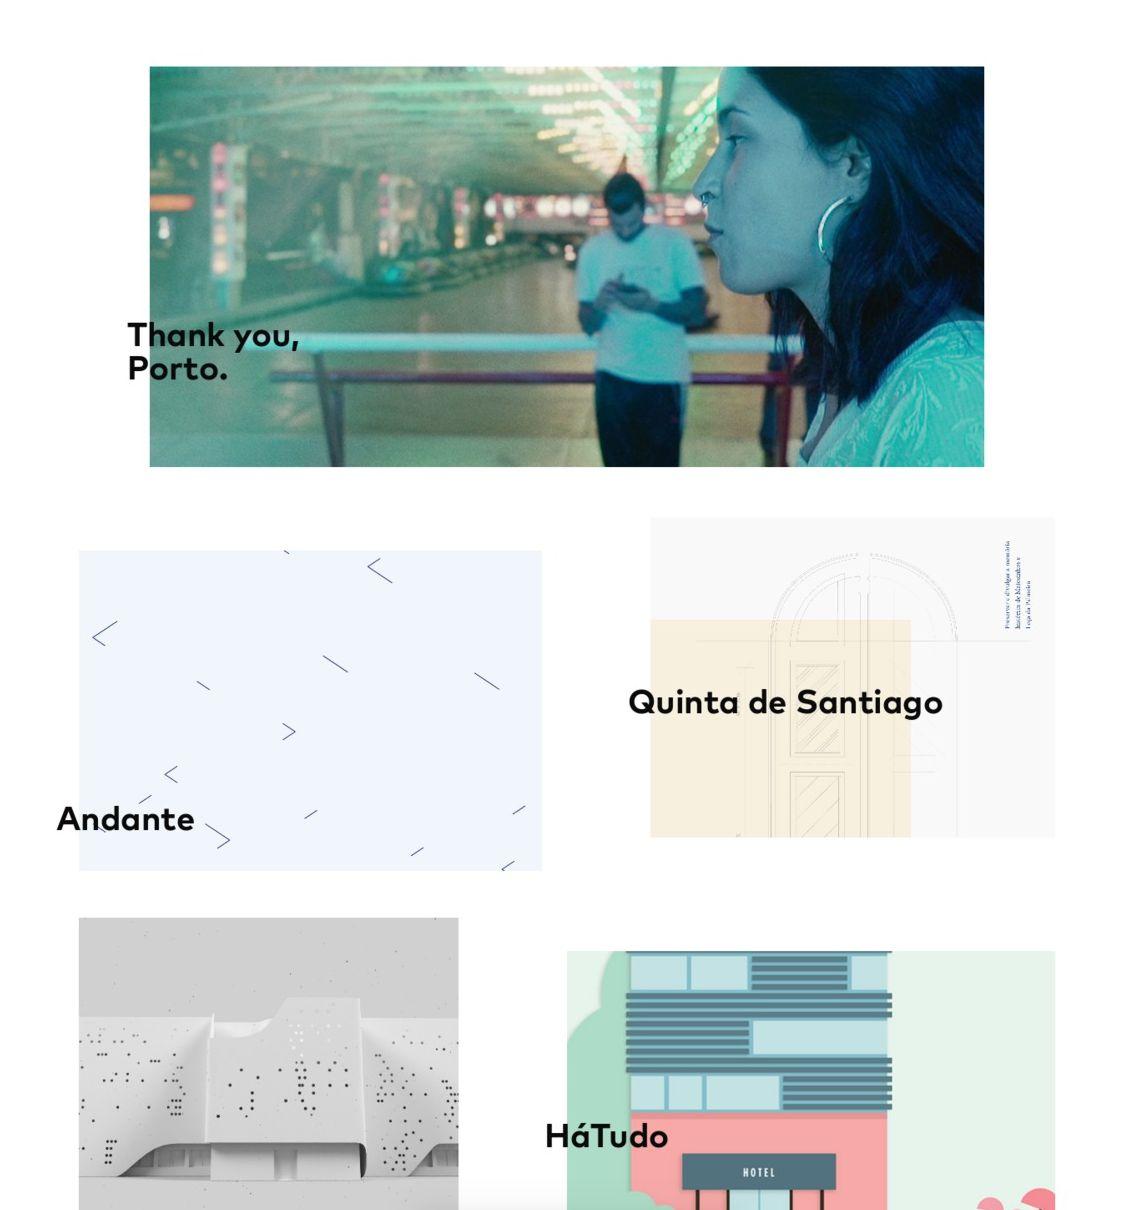 Фотография в веб-дизайне